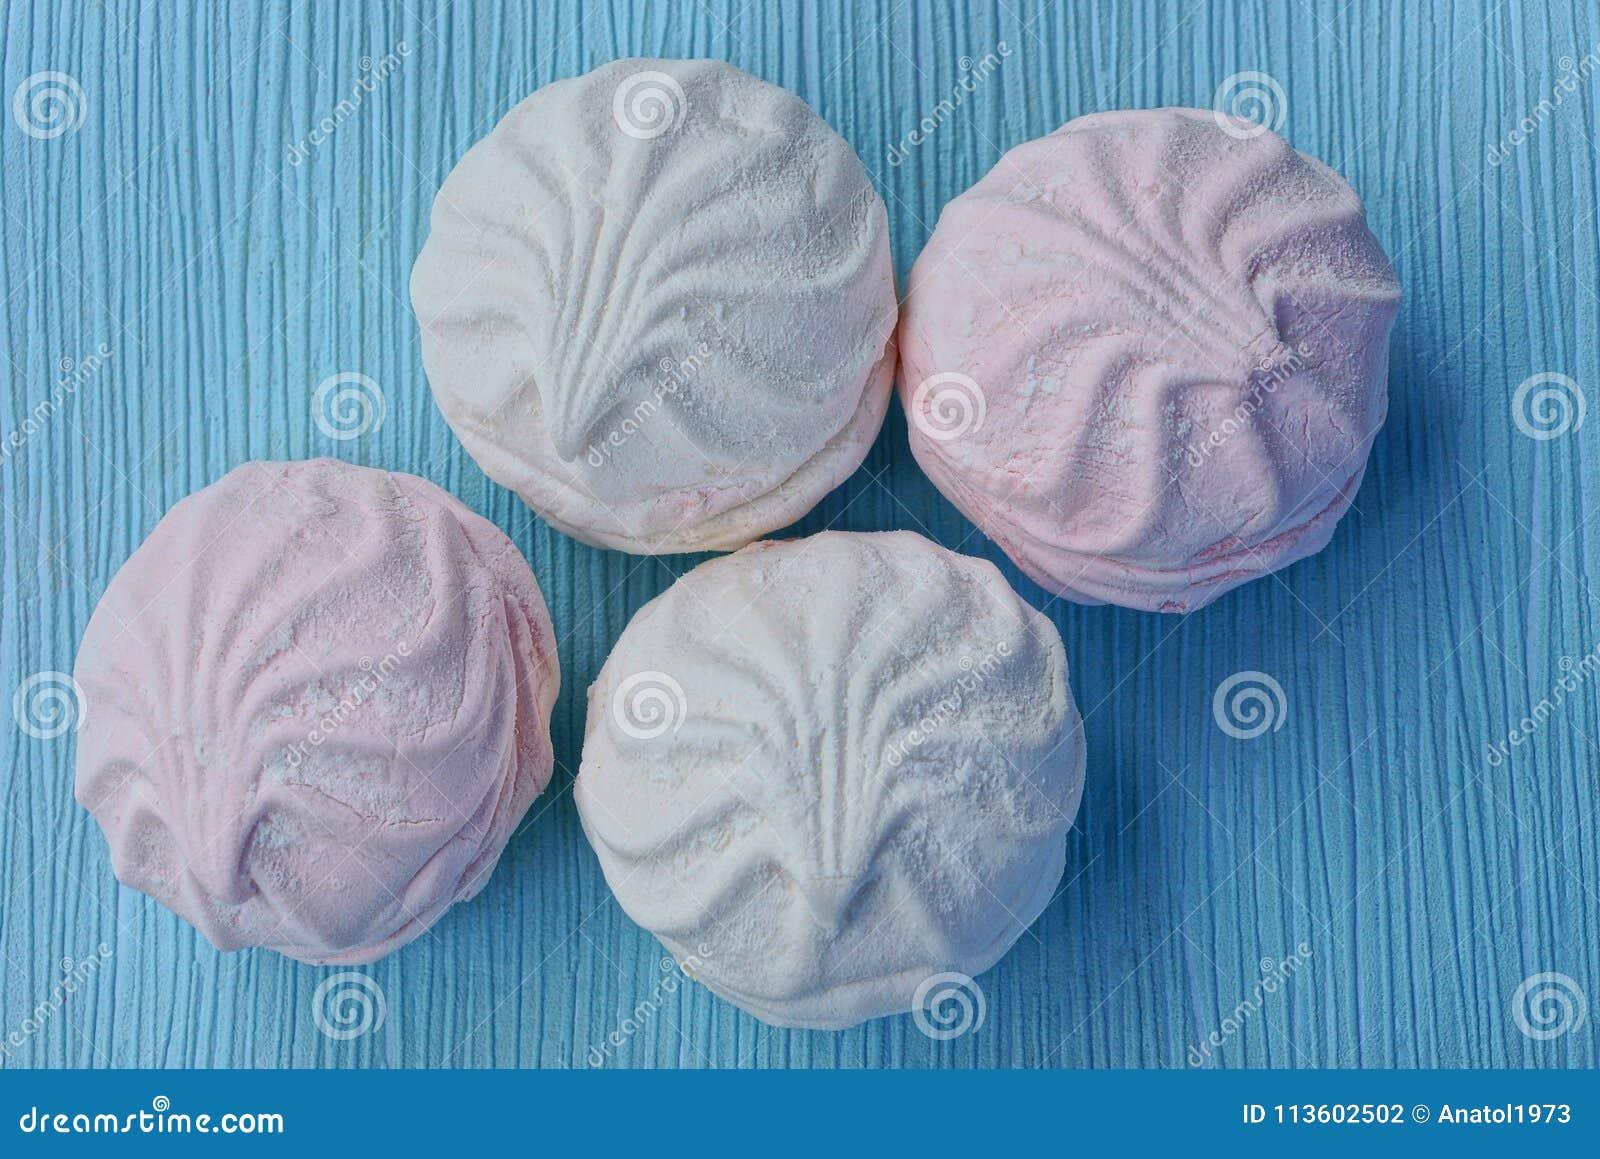 Runda vita rosa marshmallower på en blå tabell